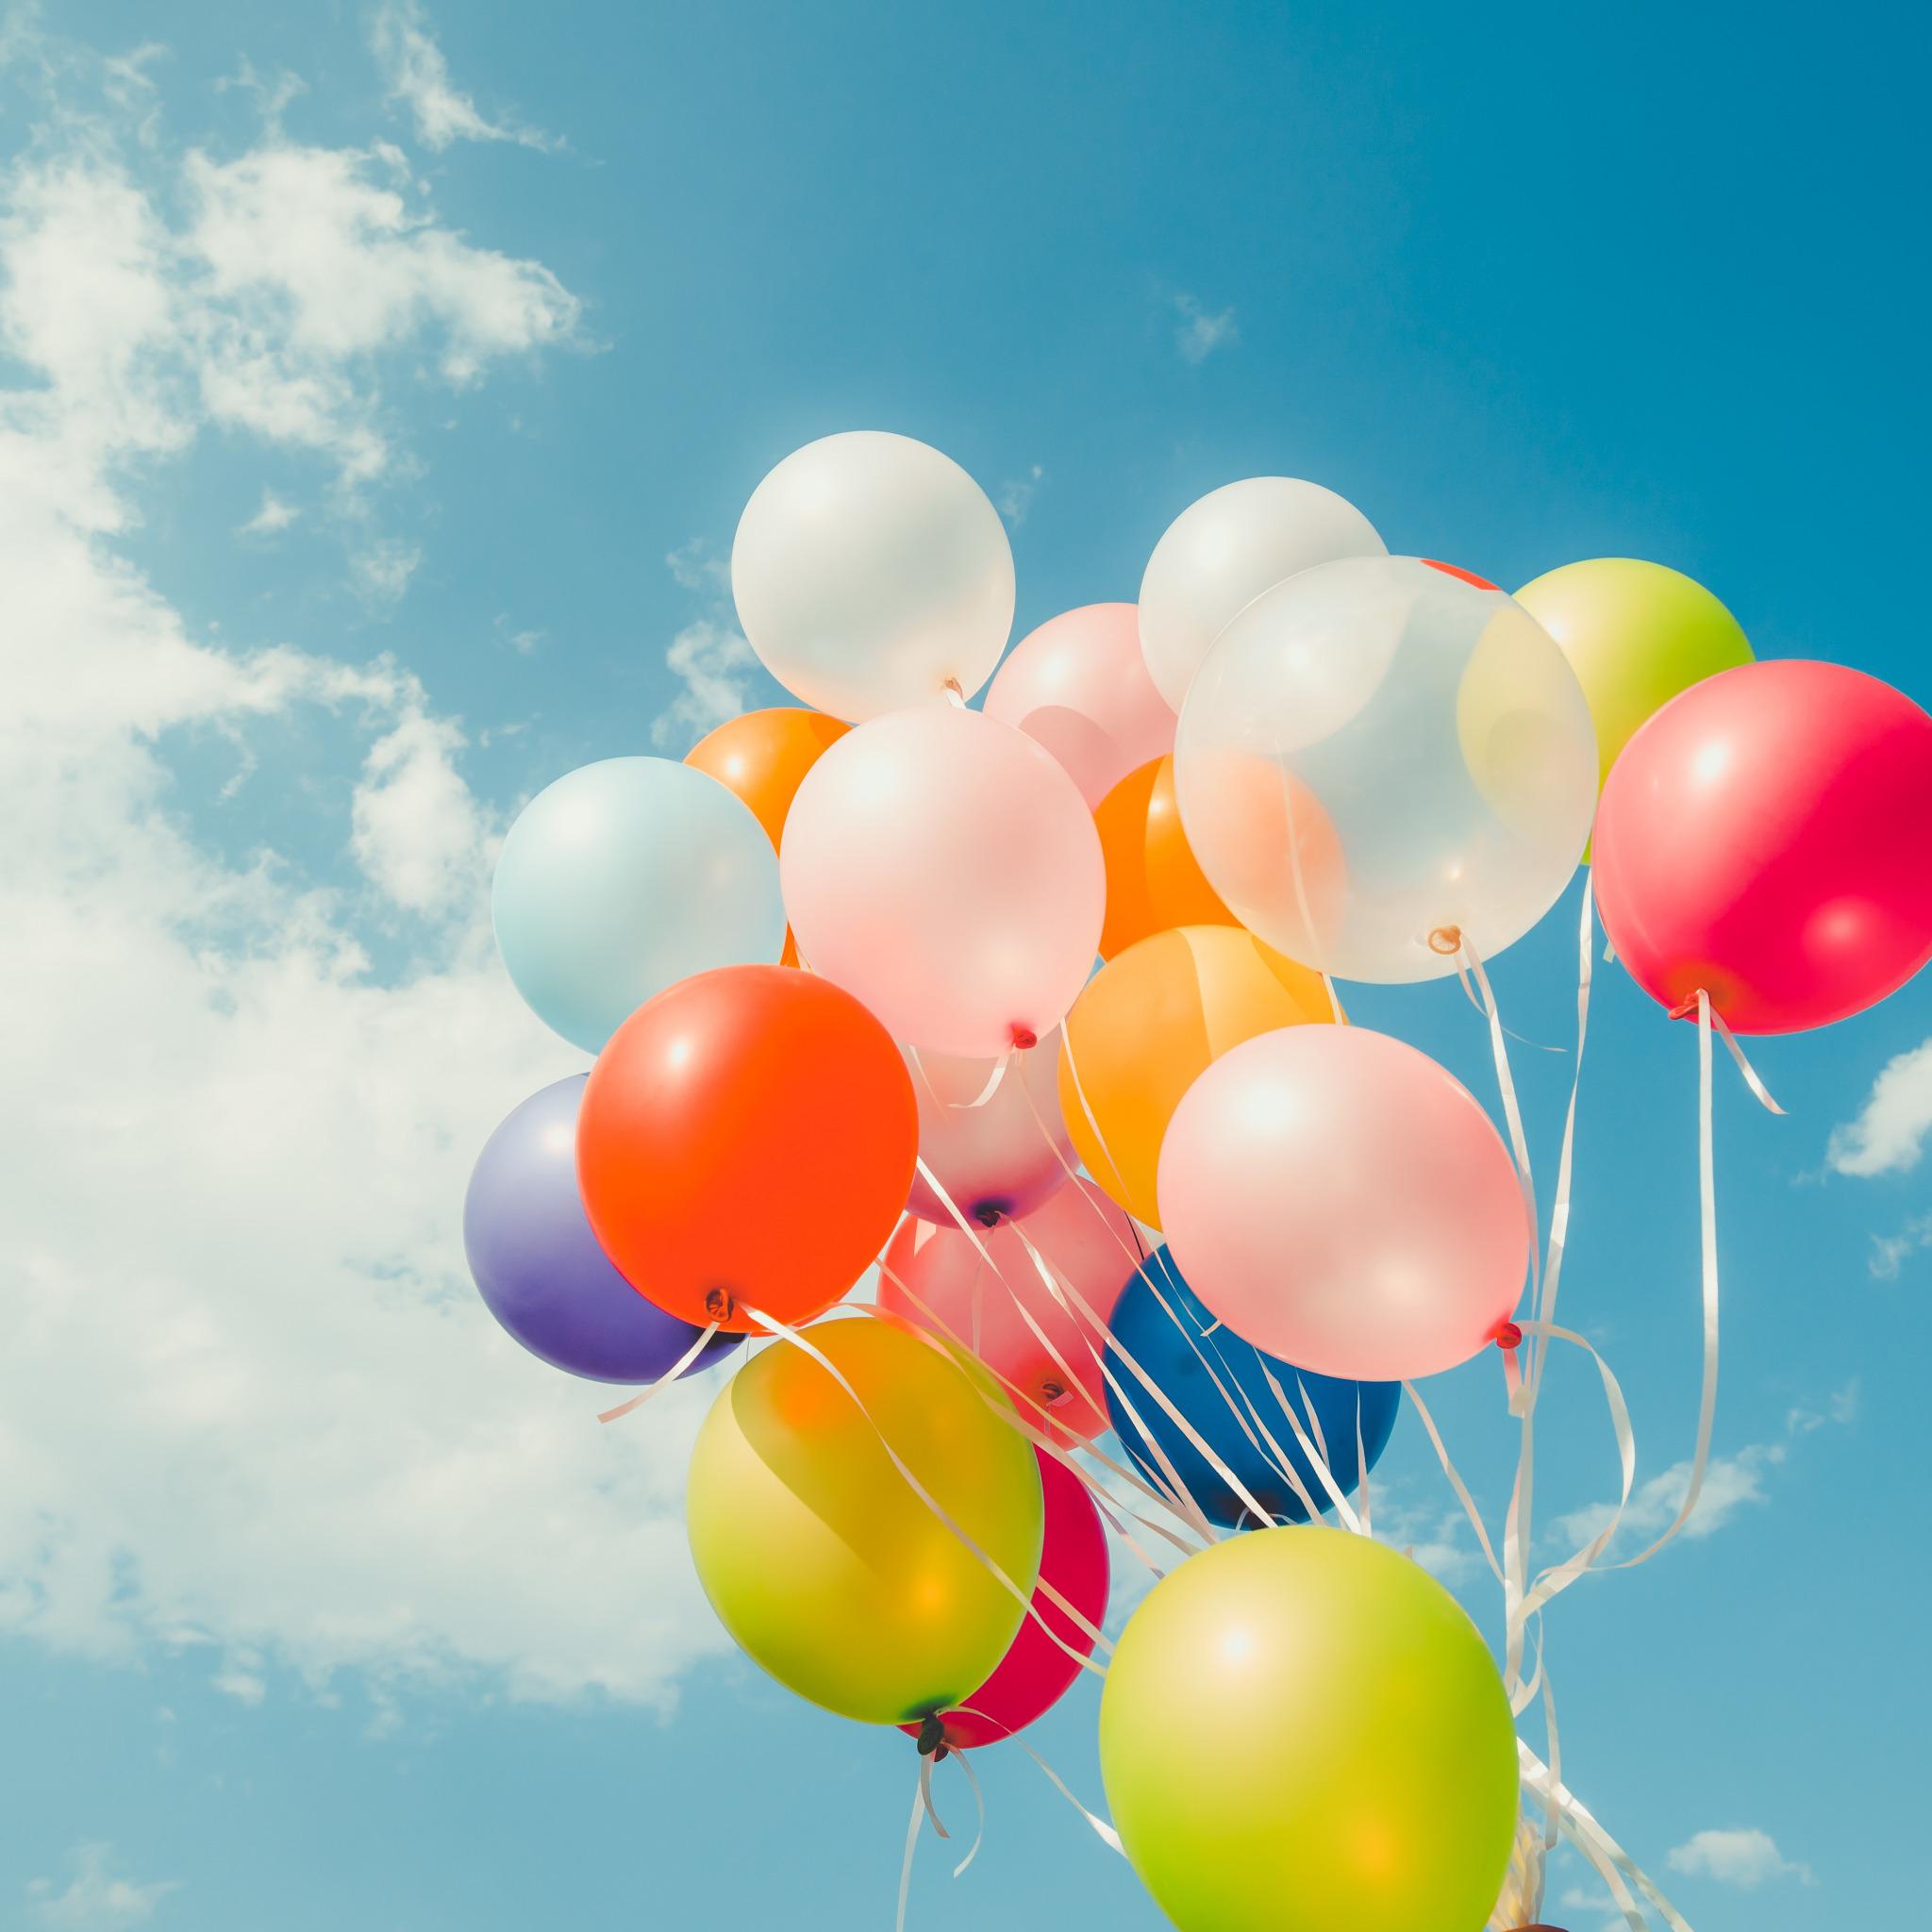 если хотите гелевые шары в небе картинки сути